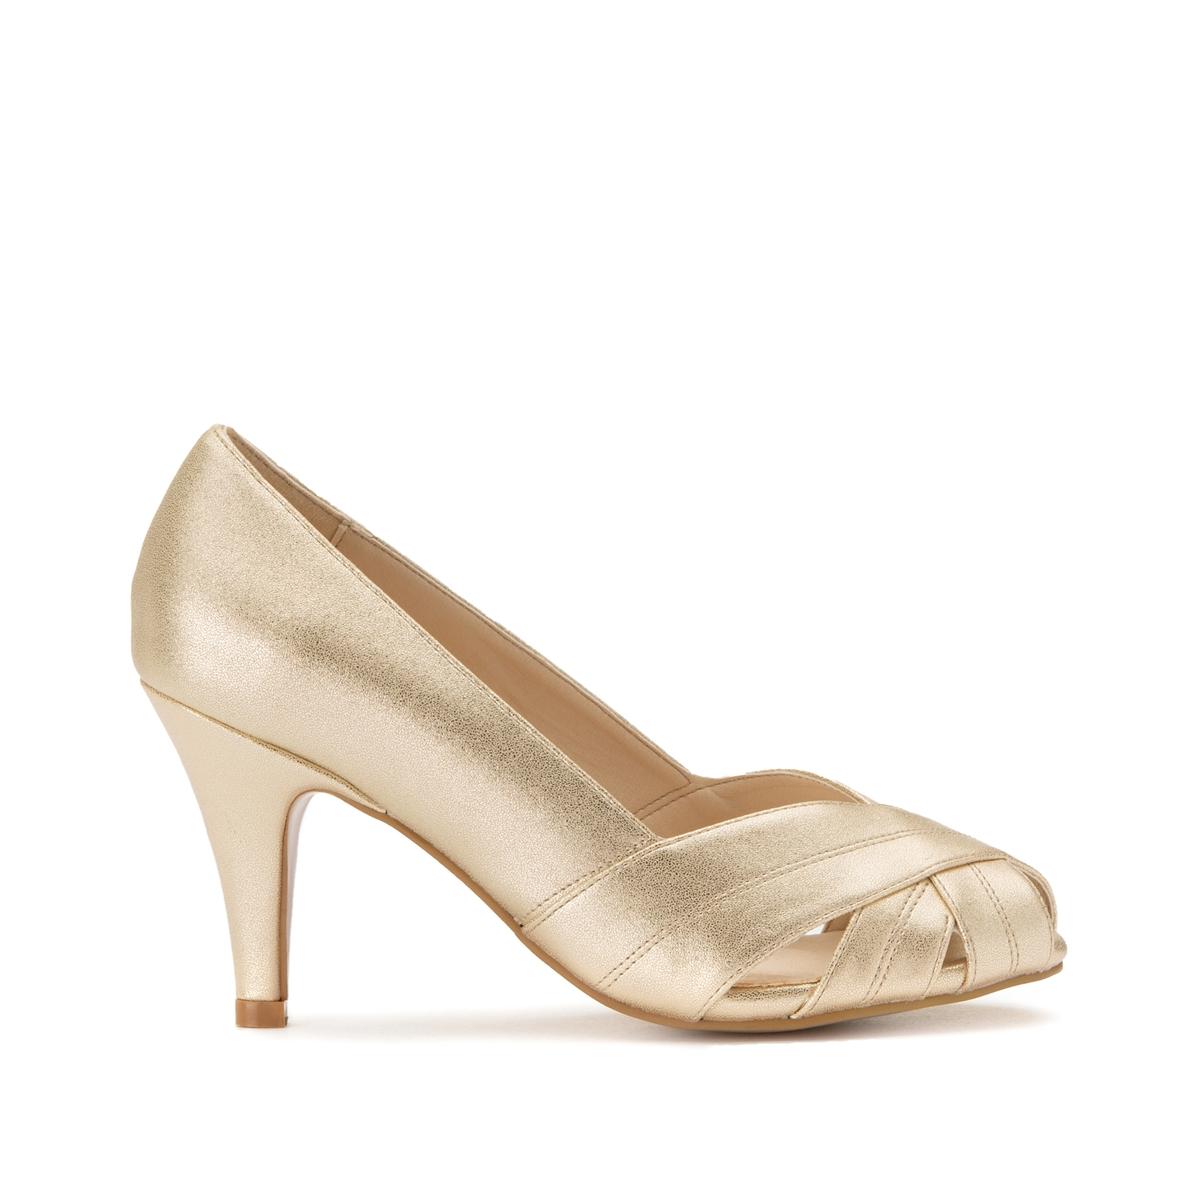 Туфли La Redoute Кожаные с открытым мыском 45 золотистый туфли la redoute кожаные с открытым мыском и деталями золотистого цвета 41 черный